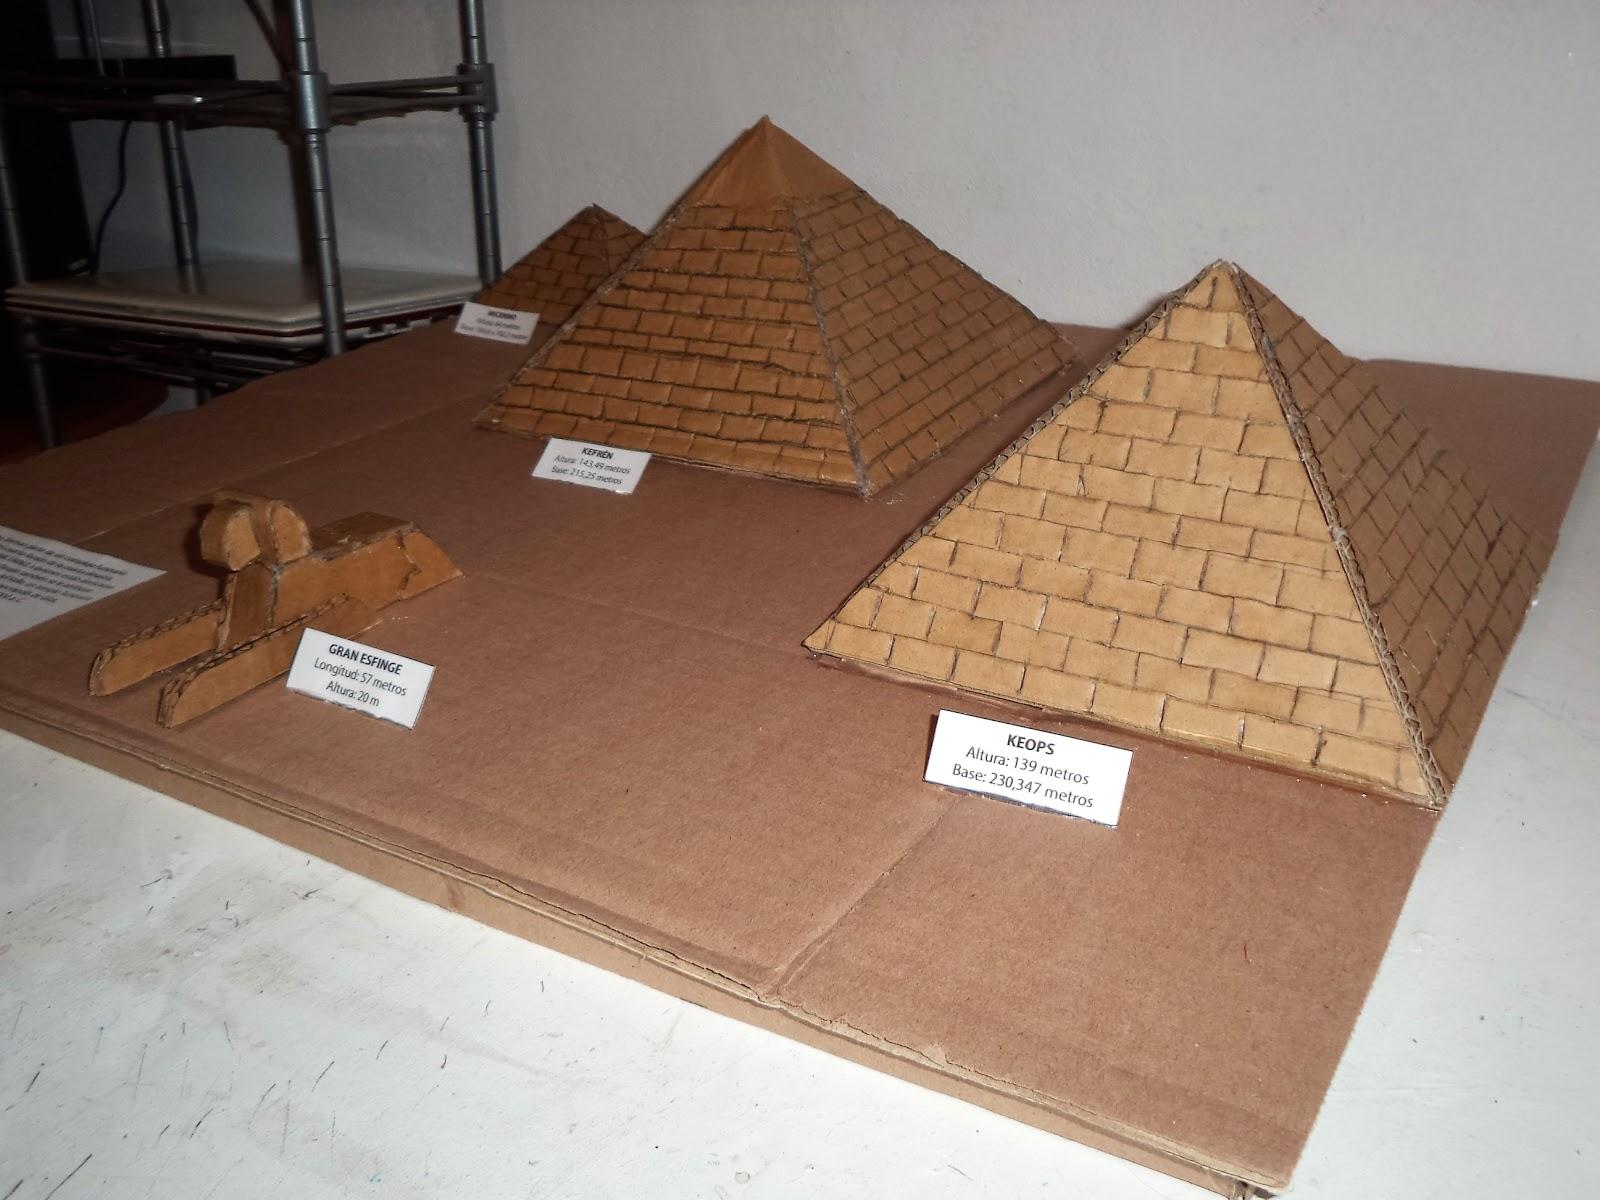 MAQUETAS, DIBUJOS Y DISEÑOS: PIRAMIDES De EGIPTO (maqueta